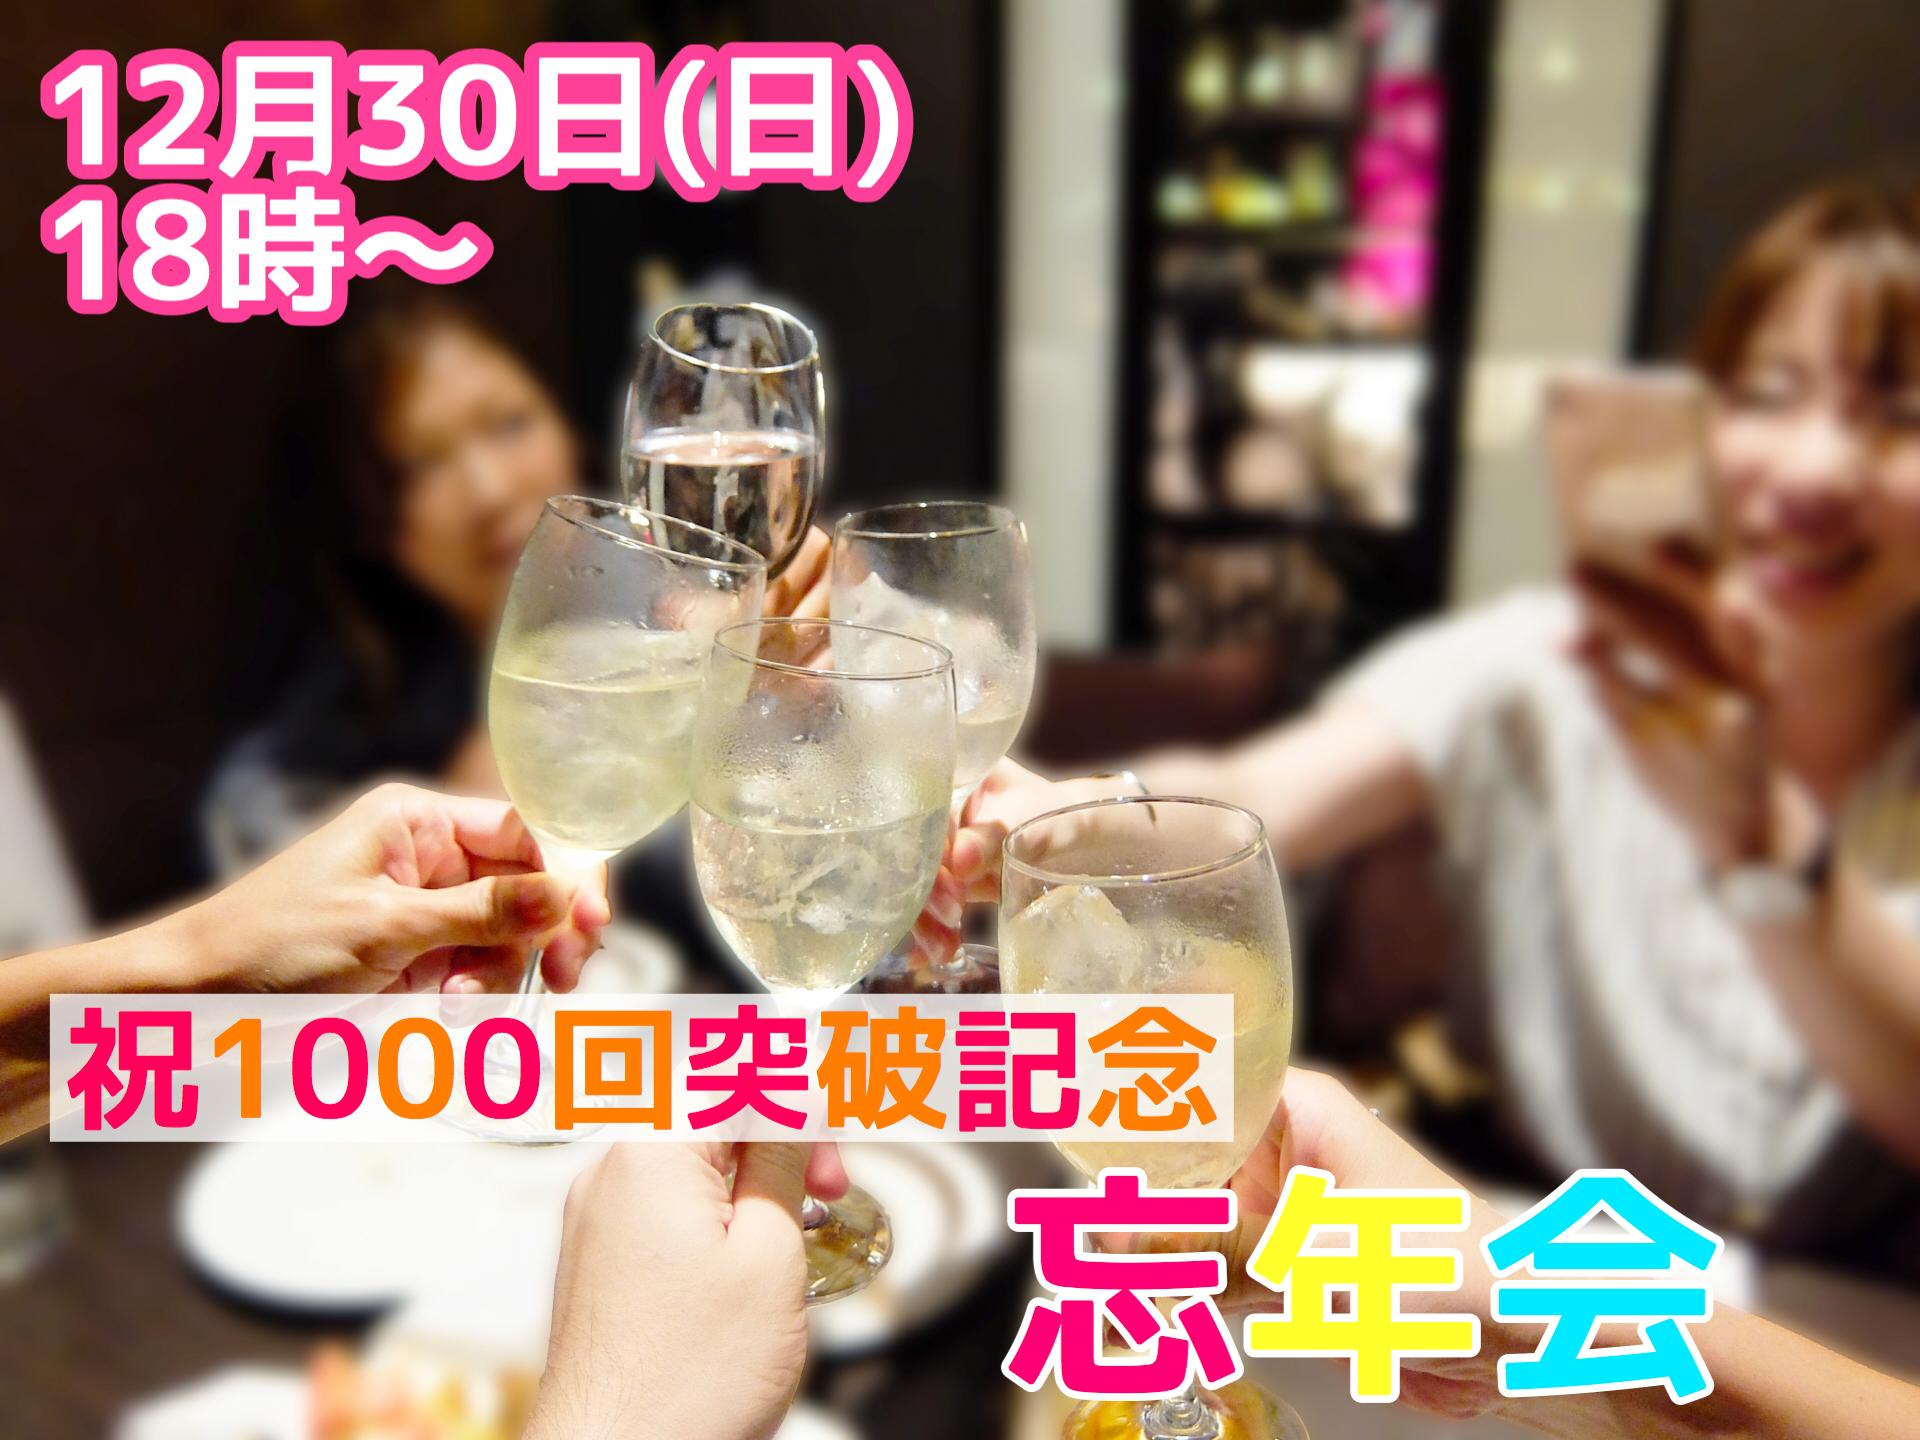 【終了】12月30日(日)18時~【結婚者が続出中?!】祝1000回突破記念 忘年会!!